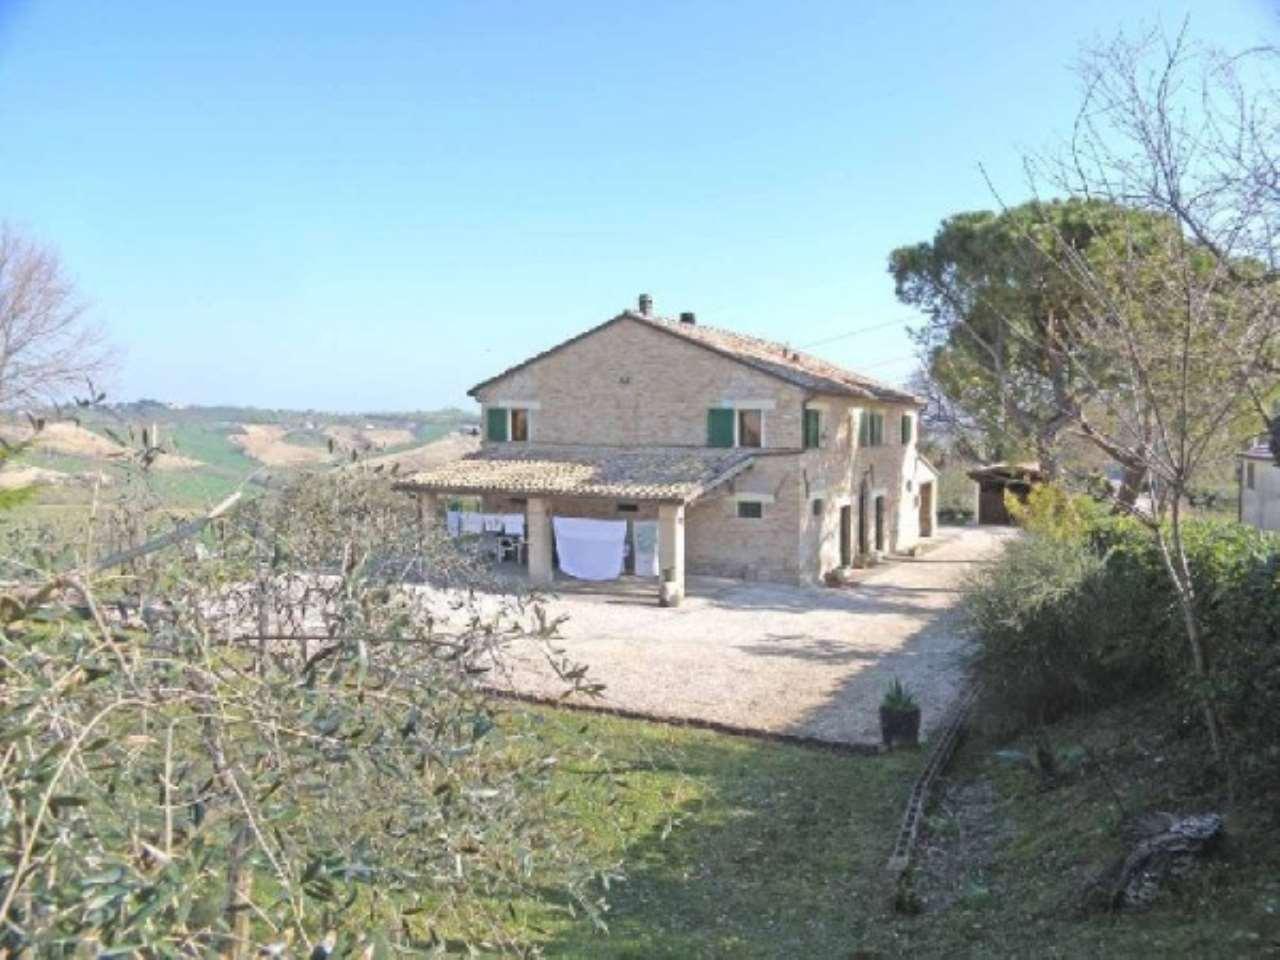 Rustico / Casale in vendita a Senigallia, 6 locali, prezzo € 390.000 | CambioCasa.it